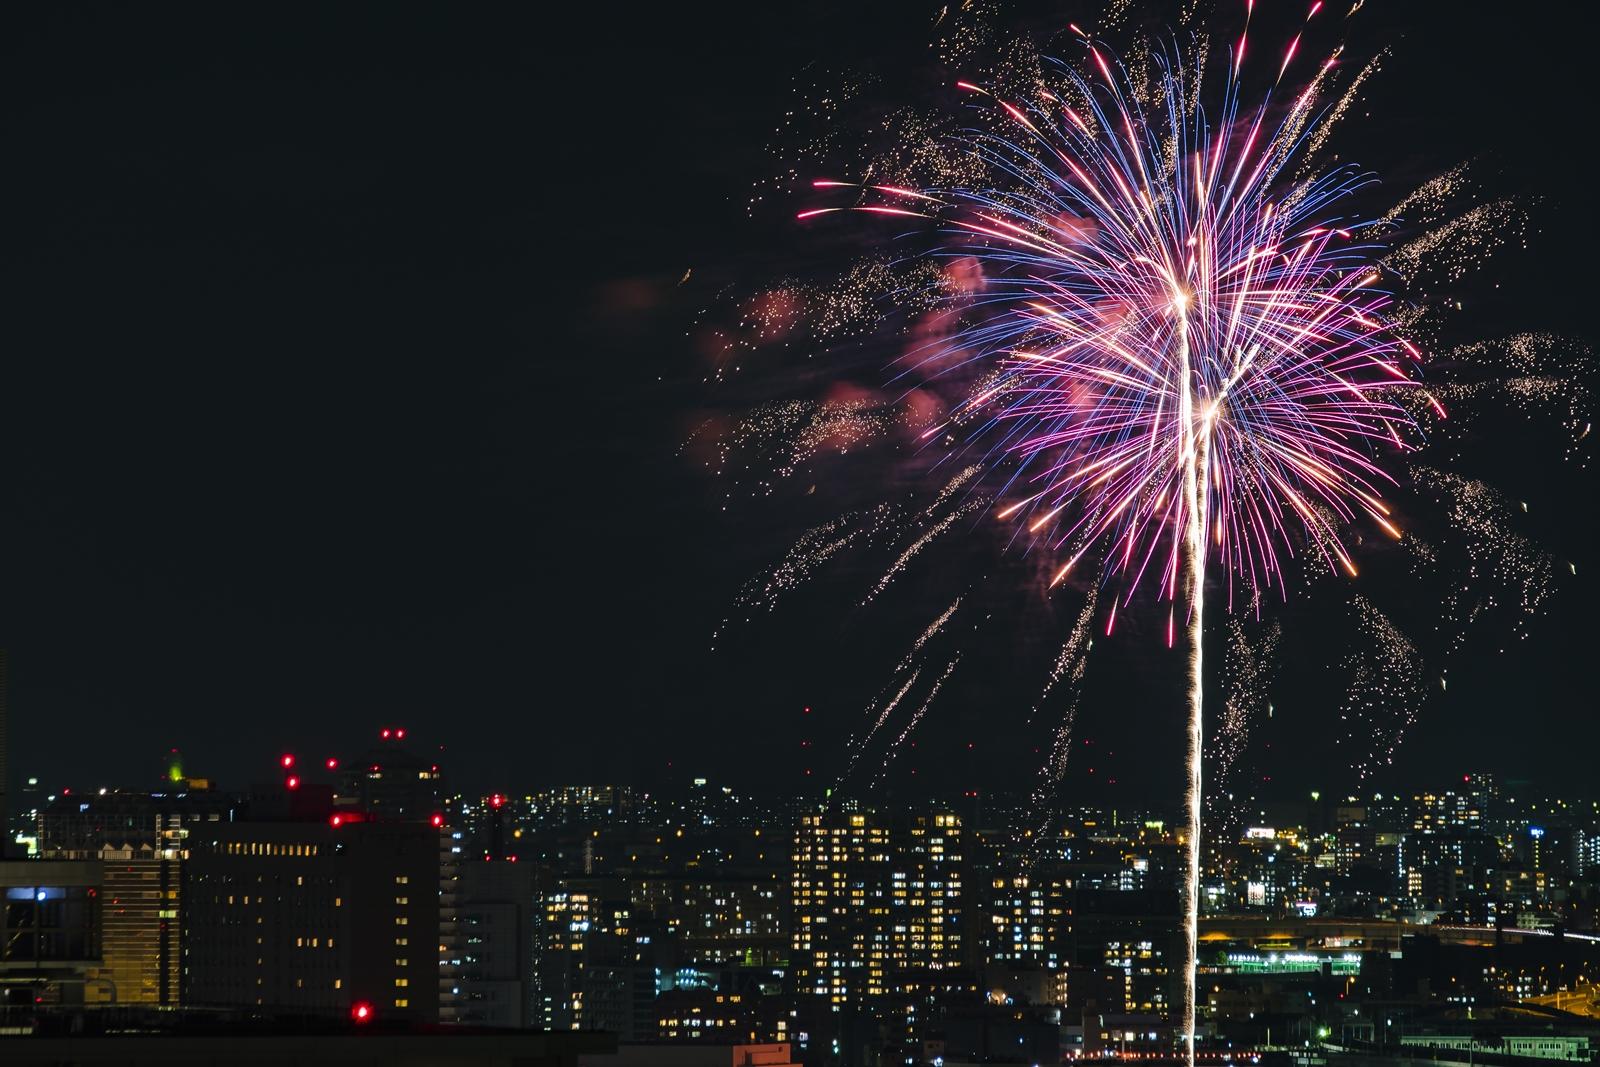 Photo: 「都市を彩る夏の花」 / Fireworks light up the city.  昨日、30日は隅田川の花火大会でした。 例年なかなか都心まで花火を見に行くことが無かったのですが、 今年は素敵な場所に招待していただくことができて、 美味しい料理や美味しいお酒をいただきつつ、 東京の空を染める 夏の花をのんびりと眺めることができました♪ 明日からは8月へと変わり、 いよいよ夏本番ですね☆  Sumida River fireworks festival. (第39回隅田川花火大会)  Nikon D500 SIGMA 150-600mm F5-6.3 DG OS HSM Contemporary  #nikon #sigma #nightview #landscape #tokyo  ( http://takafumiooshio.com/archives/2758 )